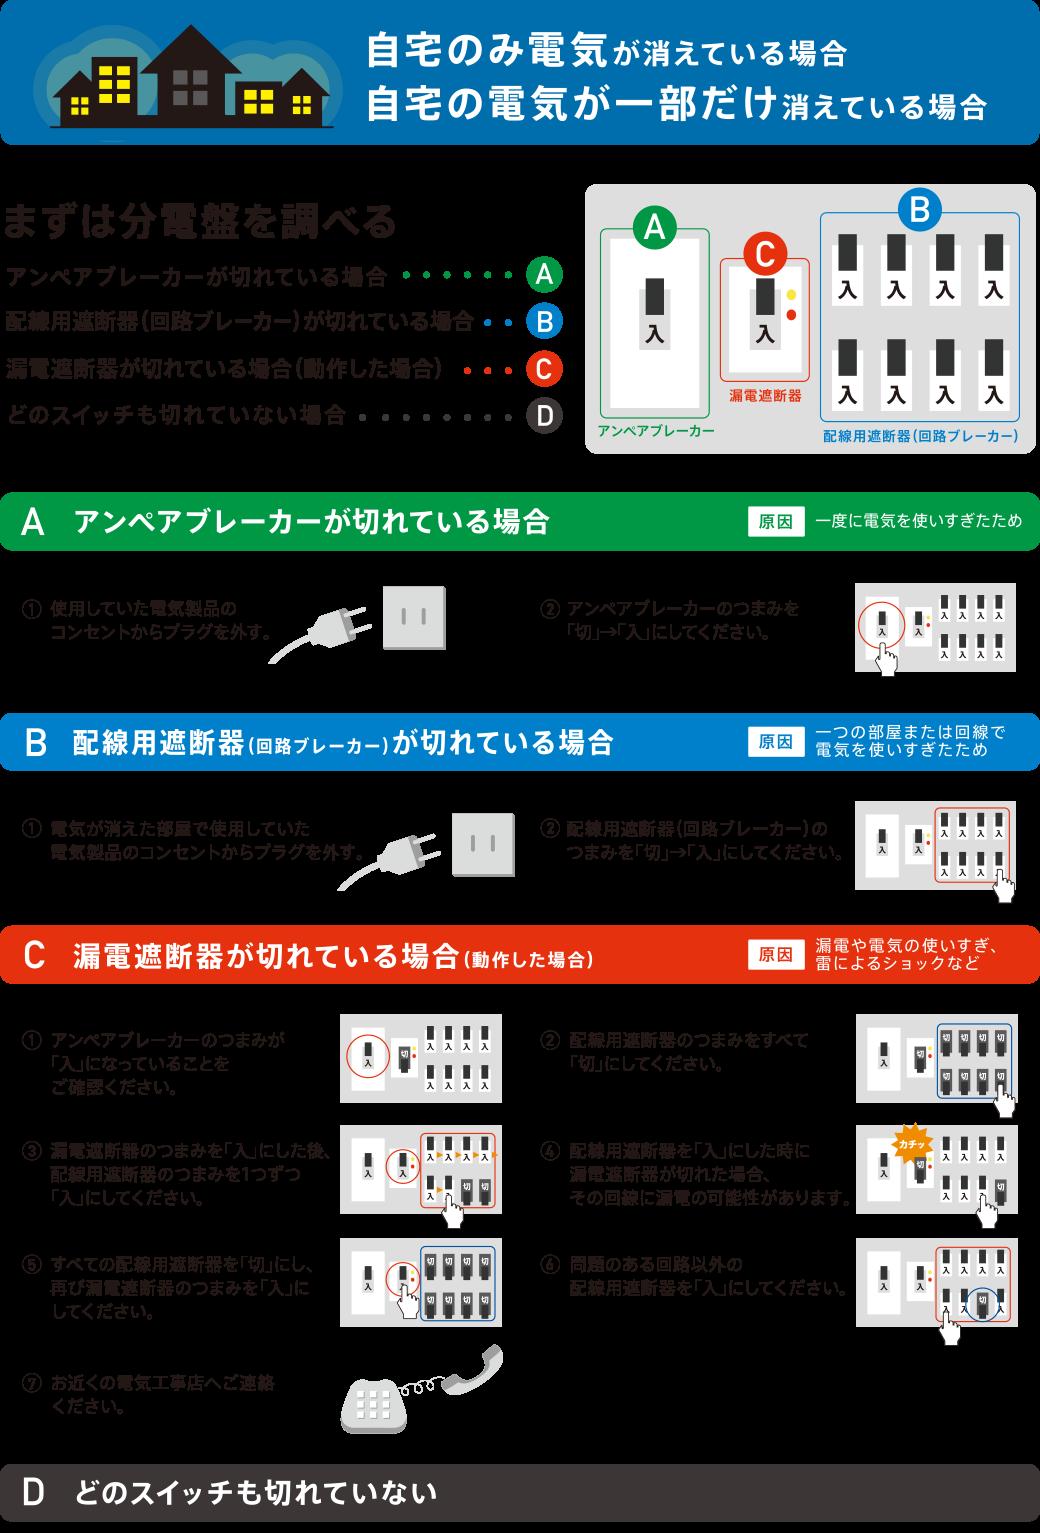 自宅のみの電気が消えている場合、自宅の電気が一部だけ消えている場合 まずは分電盤を調べる:                  A アンペアブレーカーが切れている場合         B 配線用遮断器(回路ブレーカー)が切れている場合         C 漏電遮断器が切れている場合(動作した場合)         D どのスイッチも切れていない場合              A アンペアブレーカーが切れている場合     原因 一度に電気を使いすぎたため     (1)使用していた電気製品のコンセントからプラグを外す。     (2)アンペアブレーカーのつまみを「切」→「入」にしてください。             B 配線用遮断器(回路ブレーカー)が切れている場合     原因 一つの部屋または回線で電気を使いすぎたため     (1)電気が消えた部屋で使用していた電気製品のコンセントからプラグを外す。     (2)配線用遮断器(回路ブレーカー)のつまみを「切」→「入」にしてください。             C 漏電遮断器が切れている場合(動作した場合)     原因 漏電や電気の使いすぎ、雷によるショックなど     (1)アンペアブレーカーのつまみが「入」になっていることをご確認ください。     (2)配線用遮断器のつまみをすべて「切」にしてください。     (3)漏電遮断器のつまみを「入」にした後、配線用遮断器のつまみを1つずつ「入」にしてください。     (4)配線用遮断器を「入」にした時に漏電遮断器が切れた場合、その回線に漏電の可能性があります。     (5)すべての配線用遮断器を「切」にし、再び漏電遮断器のつまみを「入」にしてください。     (6)問題のある回路以外の配線用遮断器を「入」にしてください。     (7)お近くの電気工事店へご連絡ください。           D どのスイッチも切れていない場合